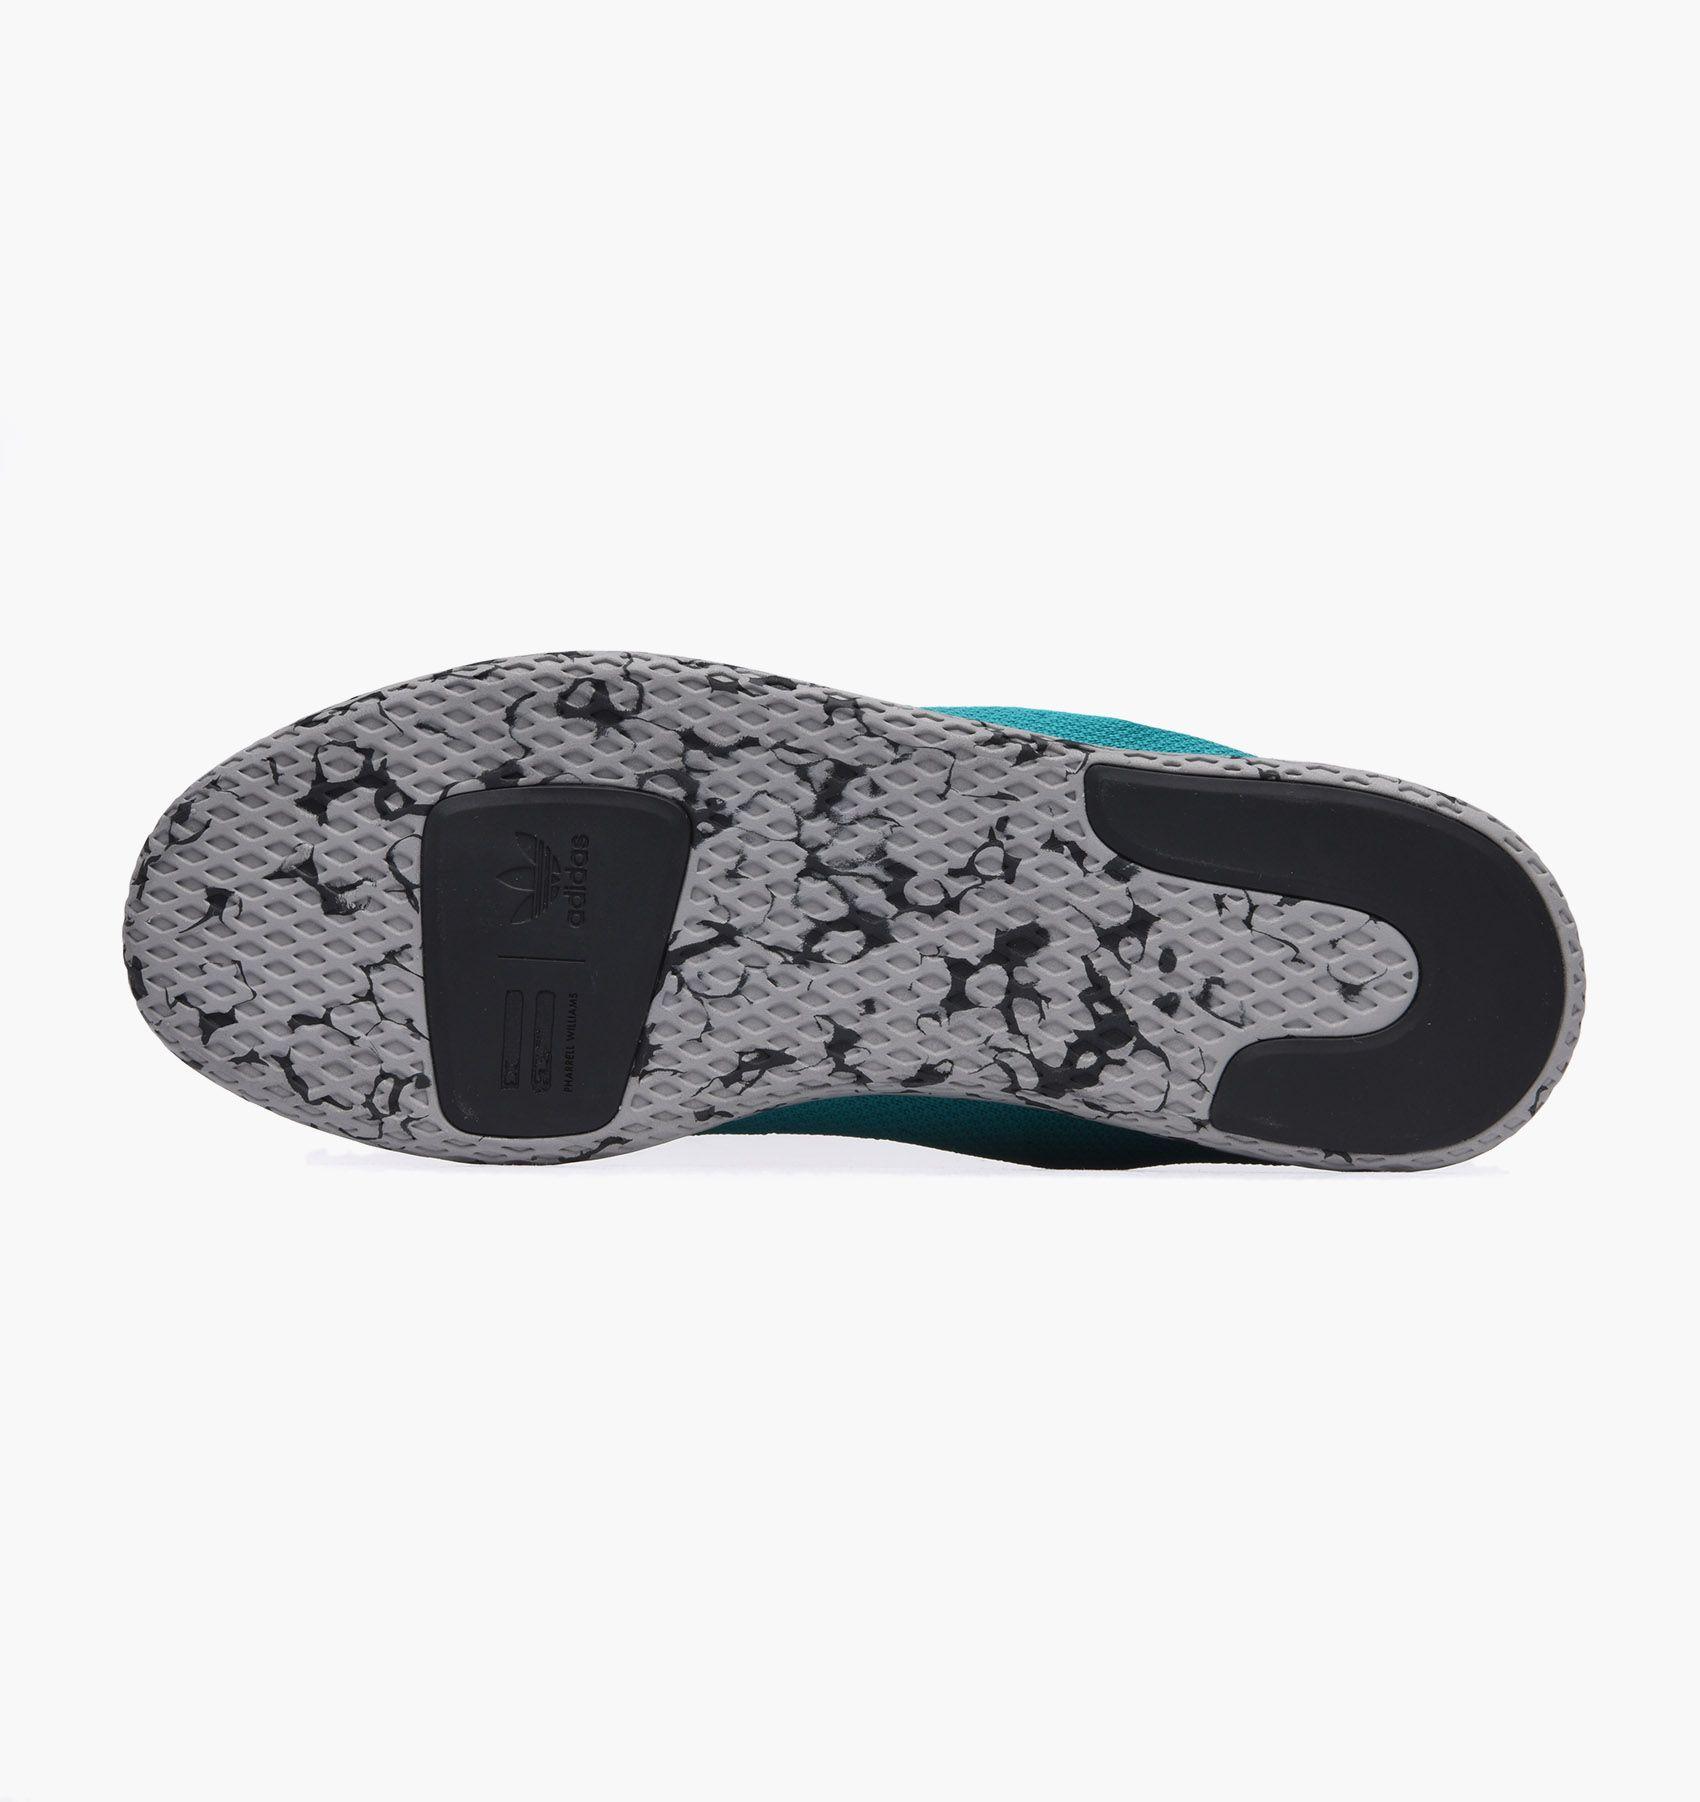 online store 532d1 9a90c caliroots.com PW Tennis HU adidas Originals CQ1872 341781